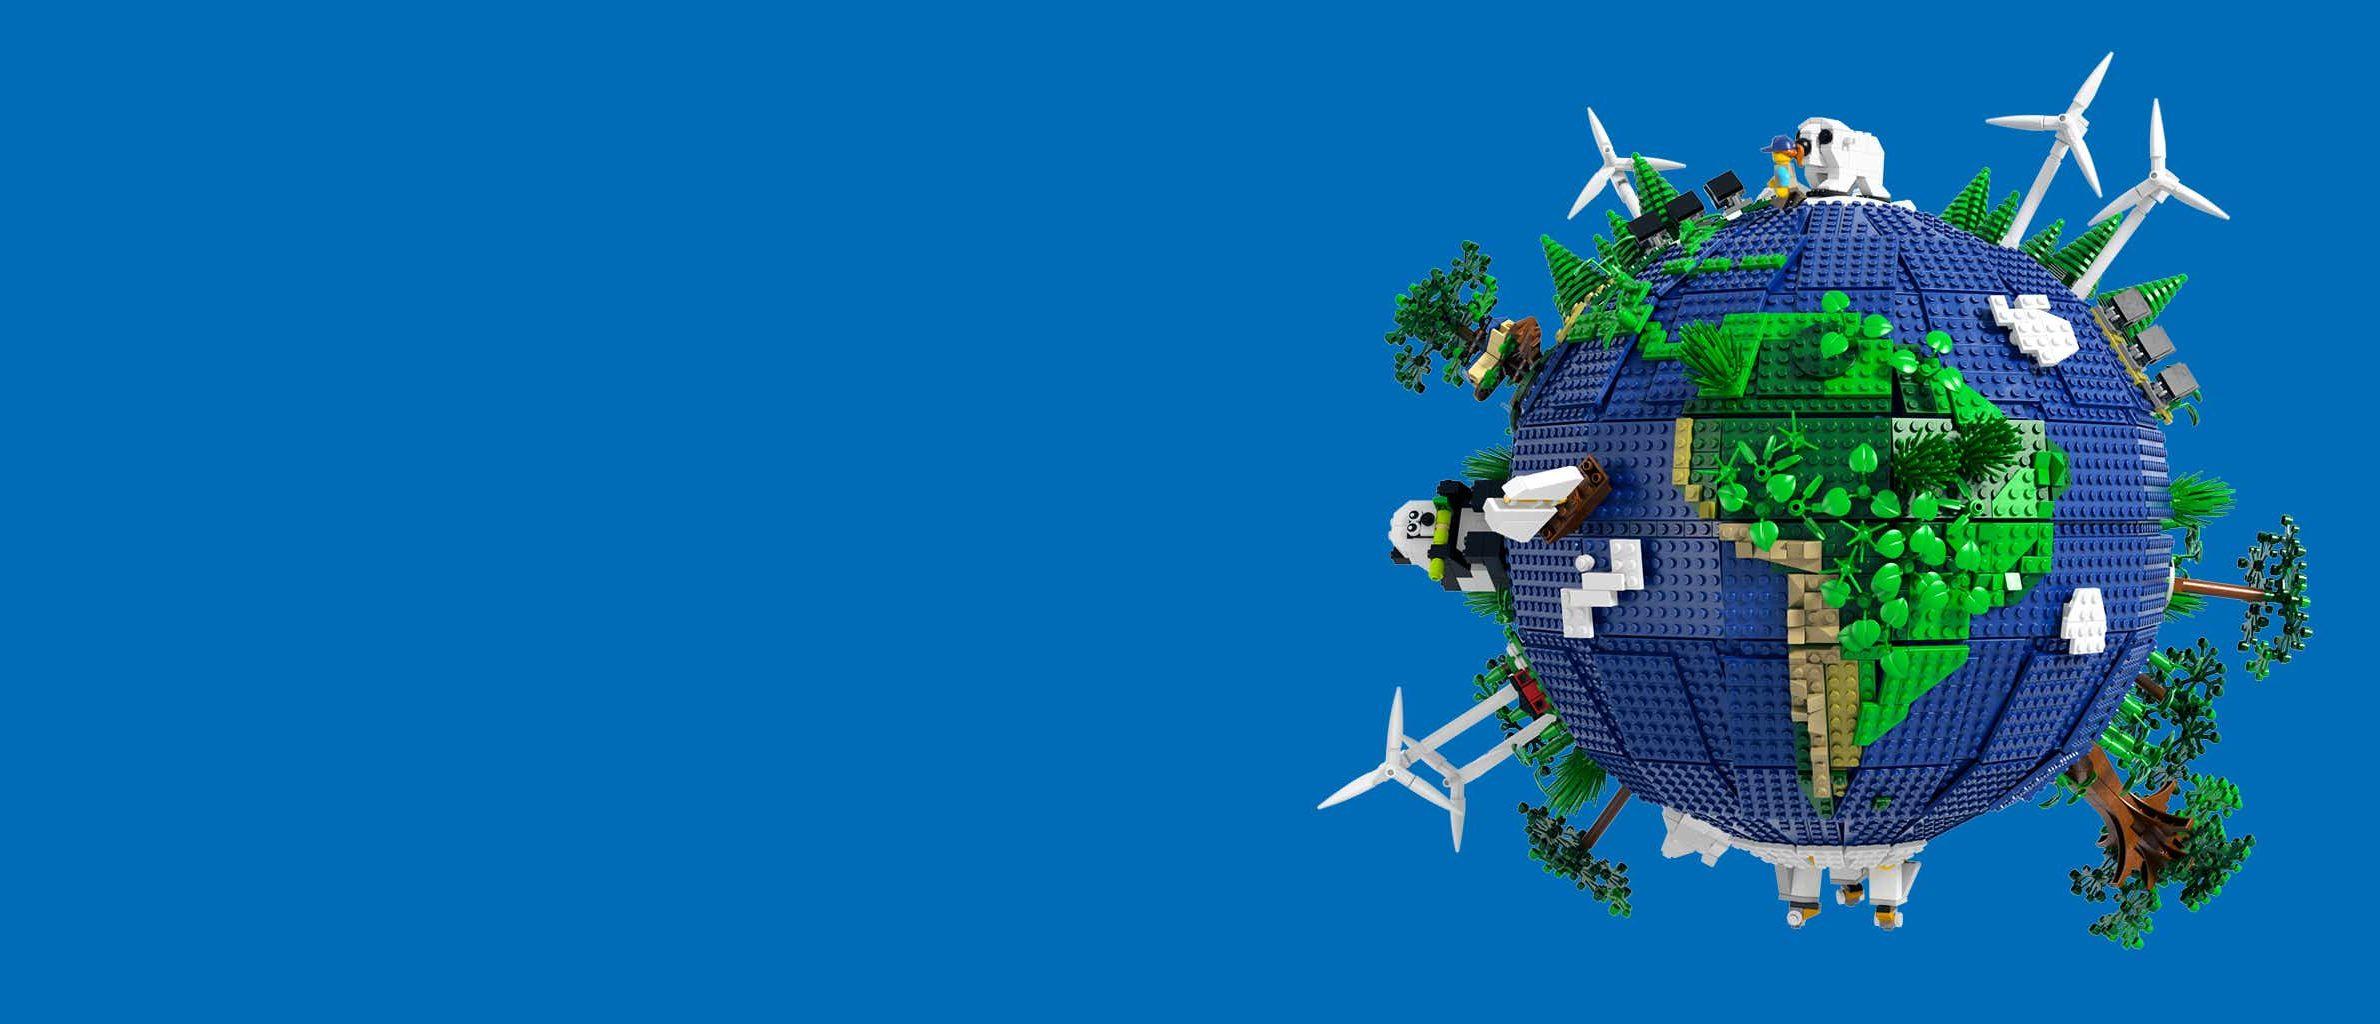 """Lego lancia la produzione di nuovi mattoncini """"verdi"""": la sostenibilità di un colosso della plastica"""